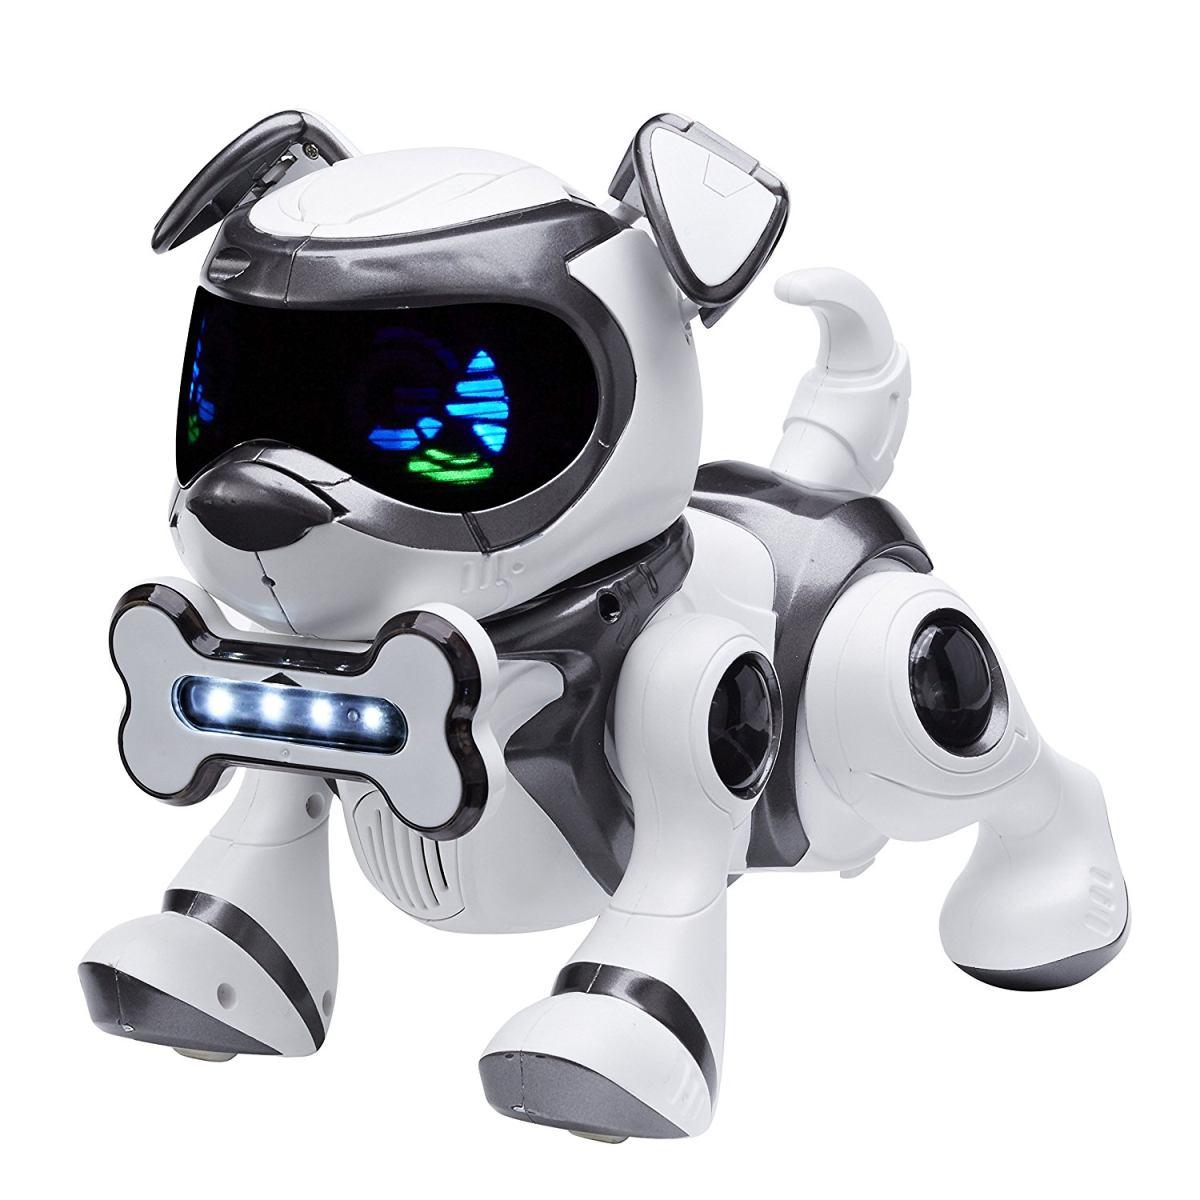 TEKSTA robotické štěně ovládané hlasem, Černé